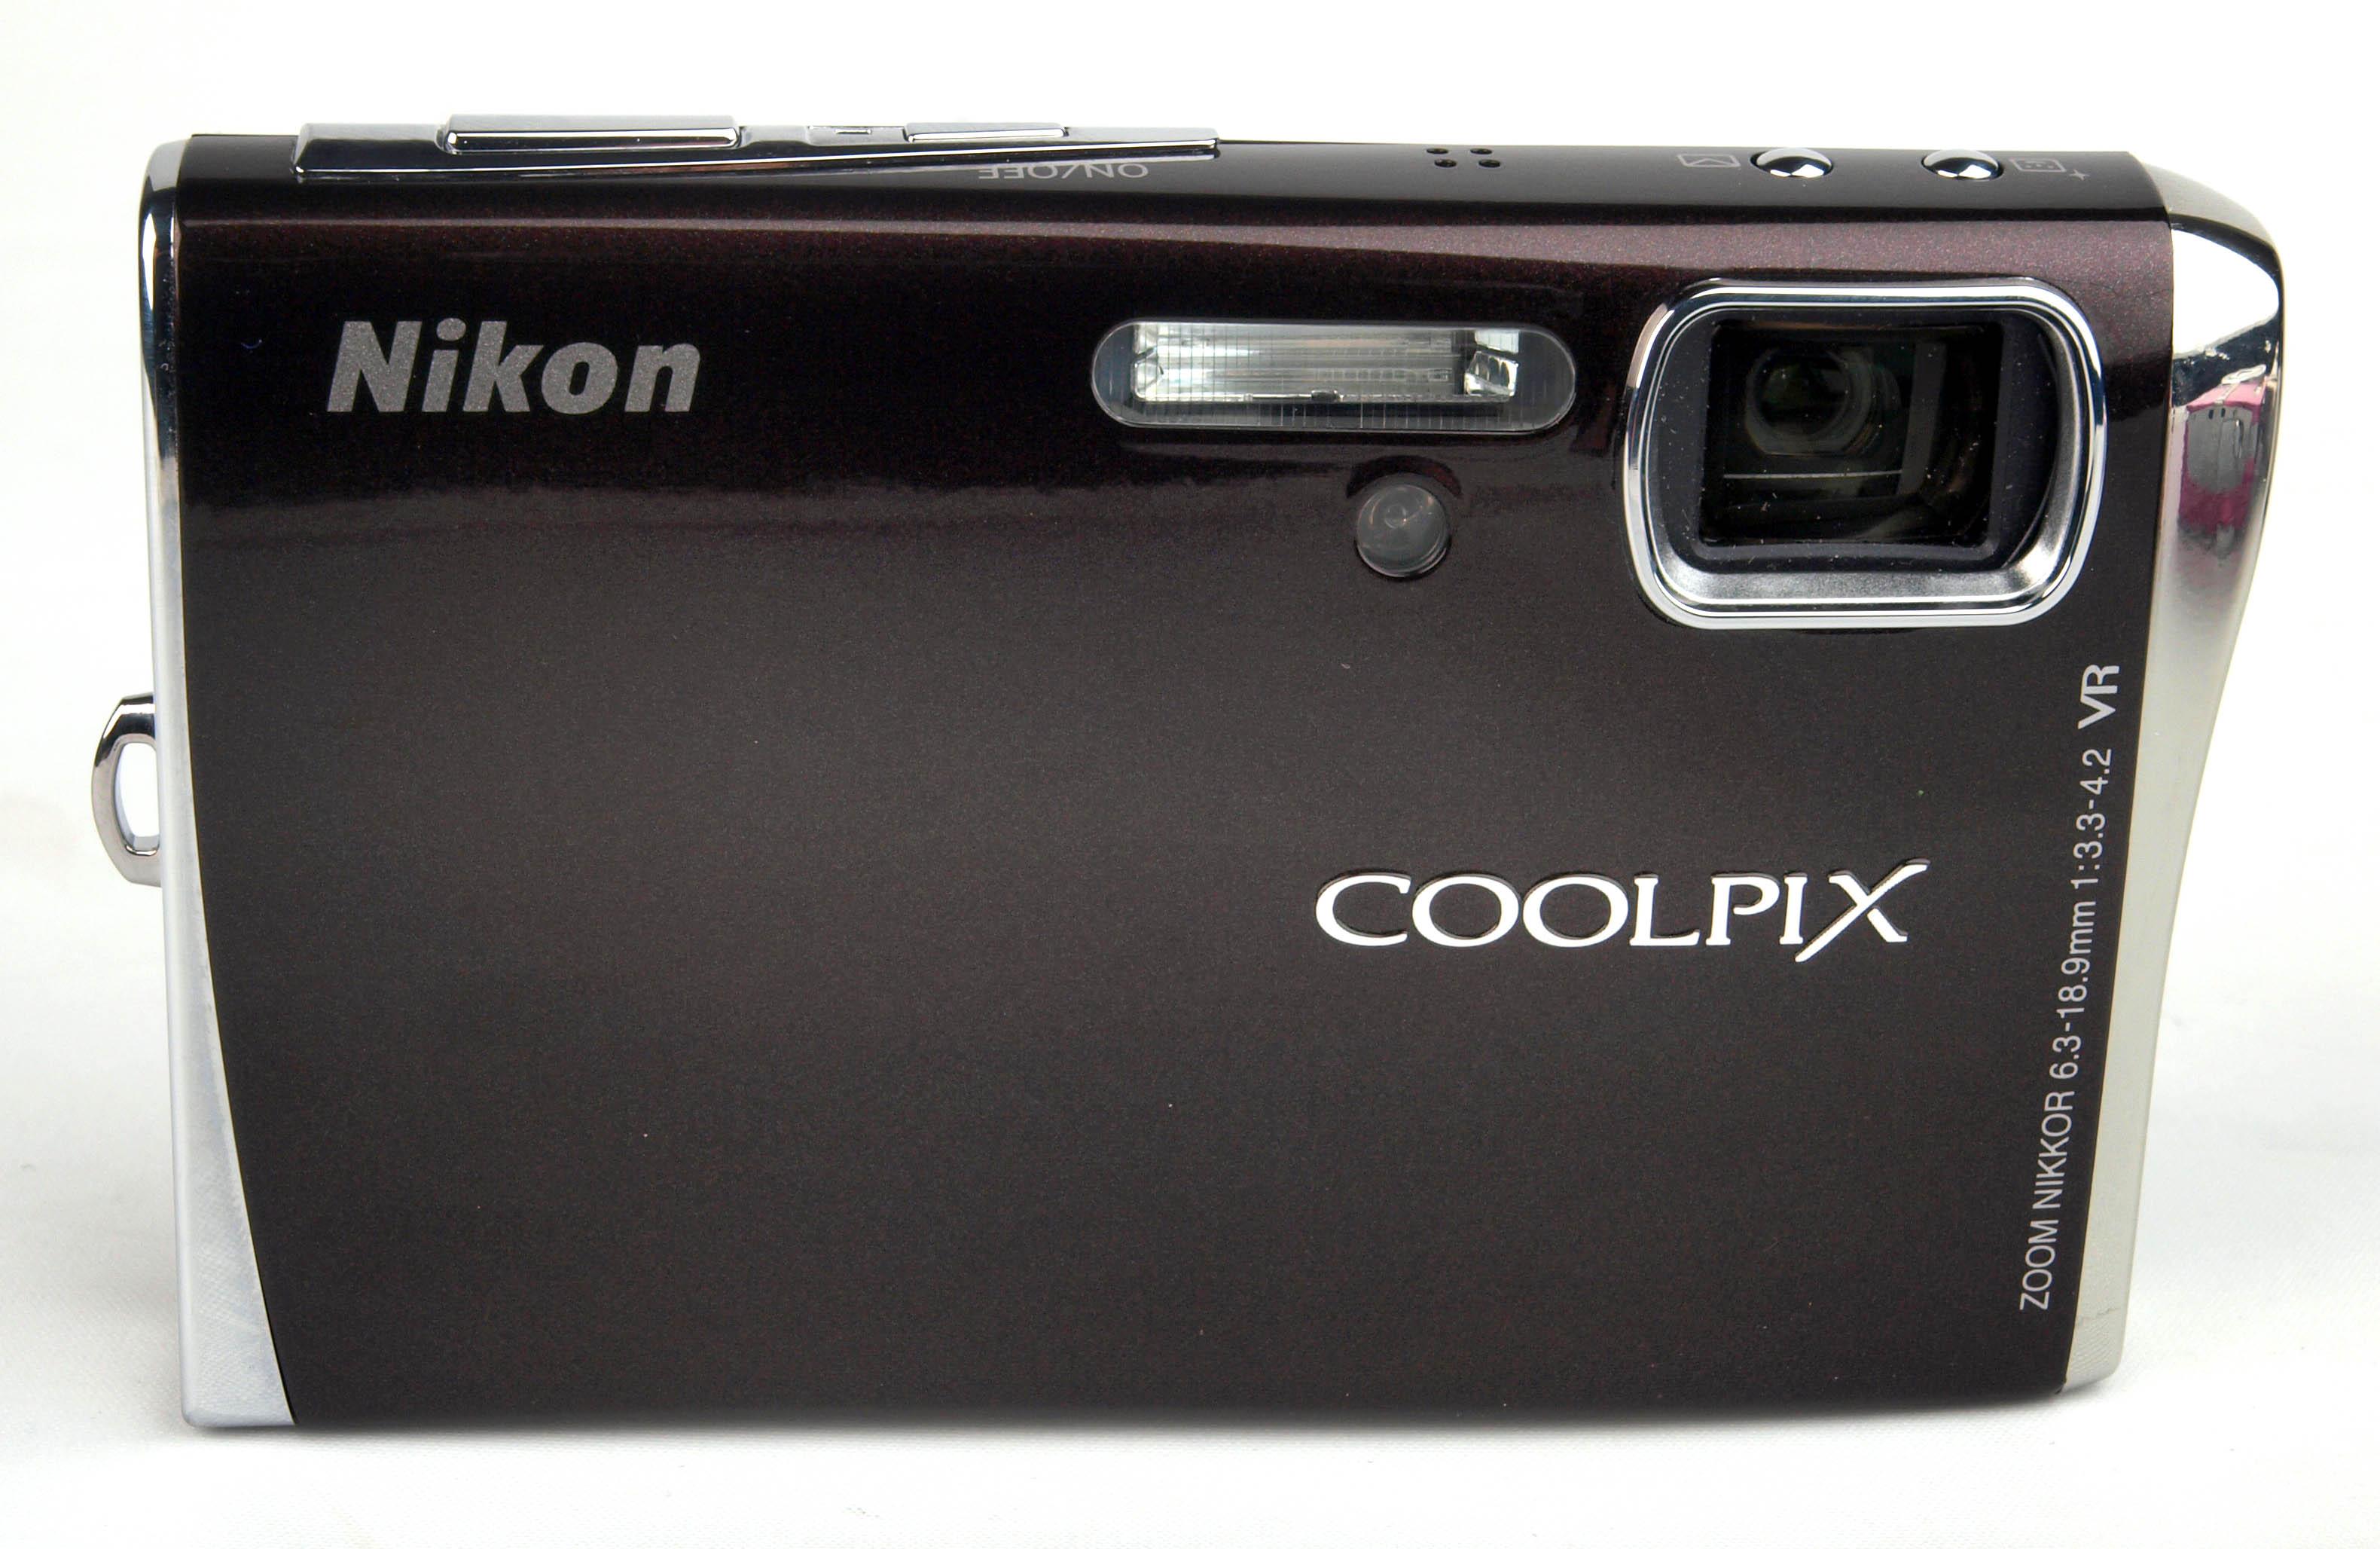 Nikon coolpix s52c camera manual.